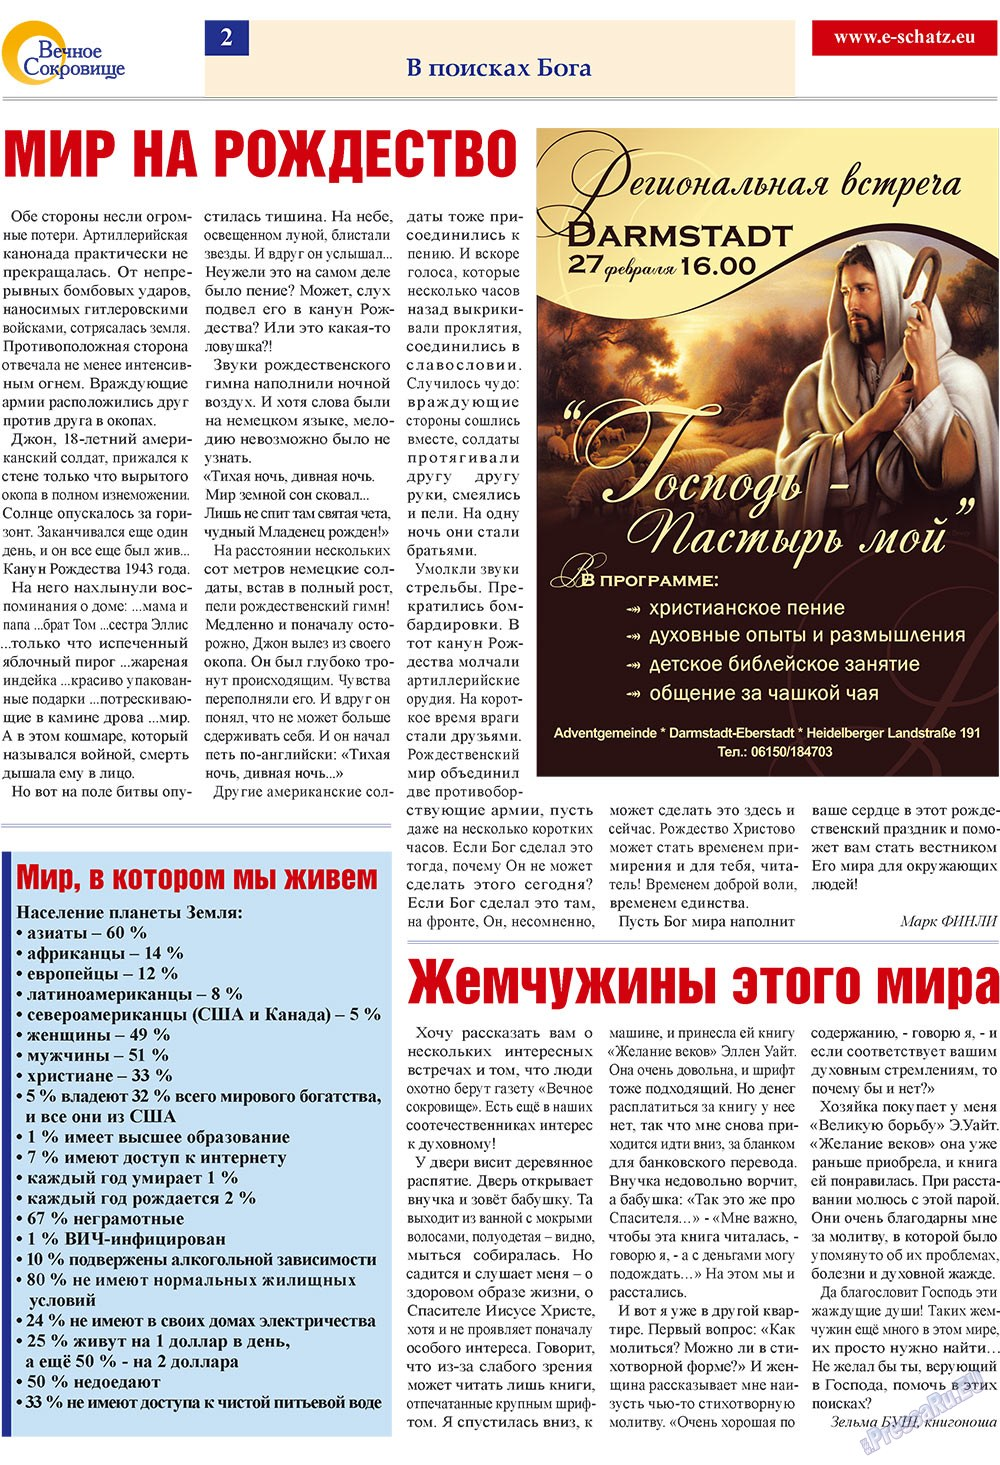 Вечное сокровище (газета). 2009 год, номер 4, стр. 2